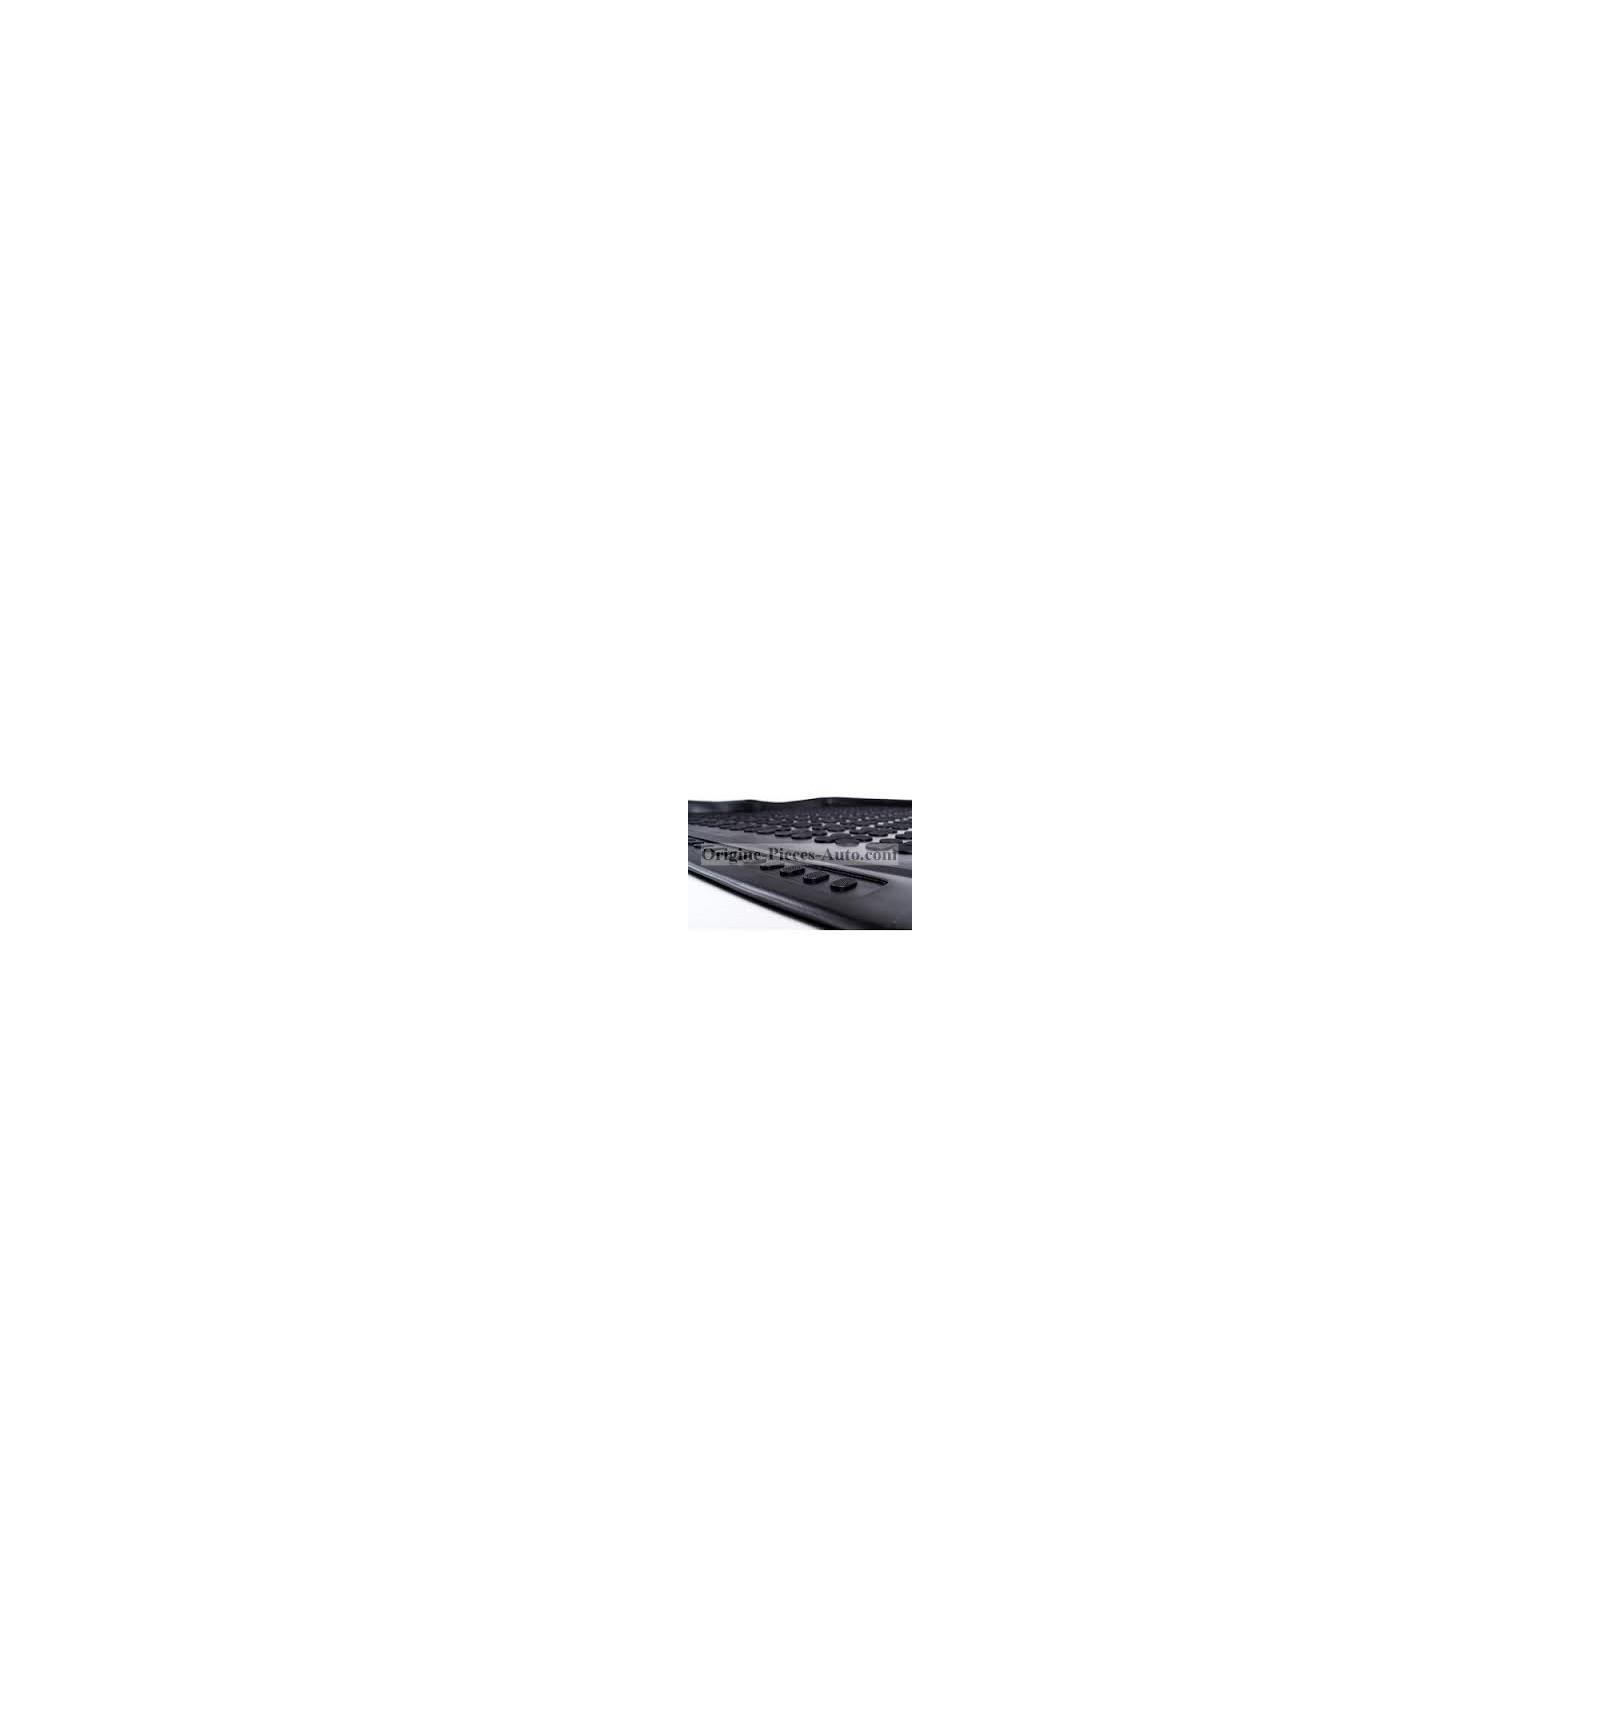 tapis bac de protection de coffre nissan x trail avec rebord. Black Bedroom Furniture Sets. Home Design Ideas